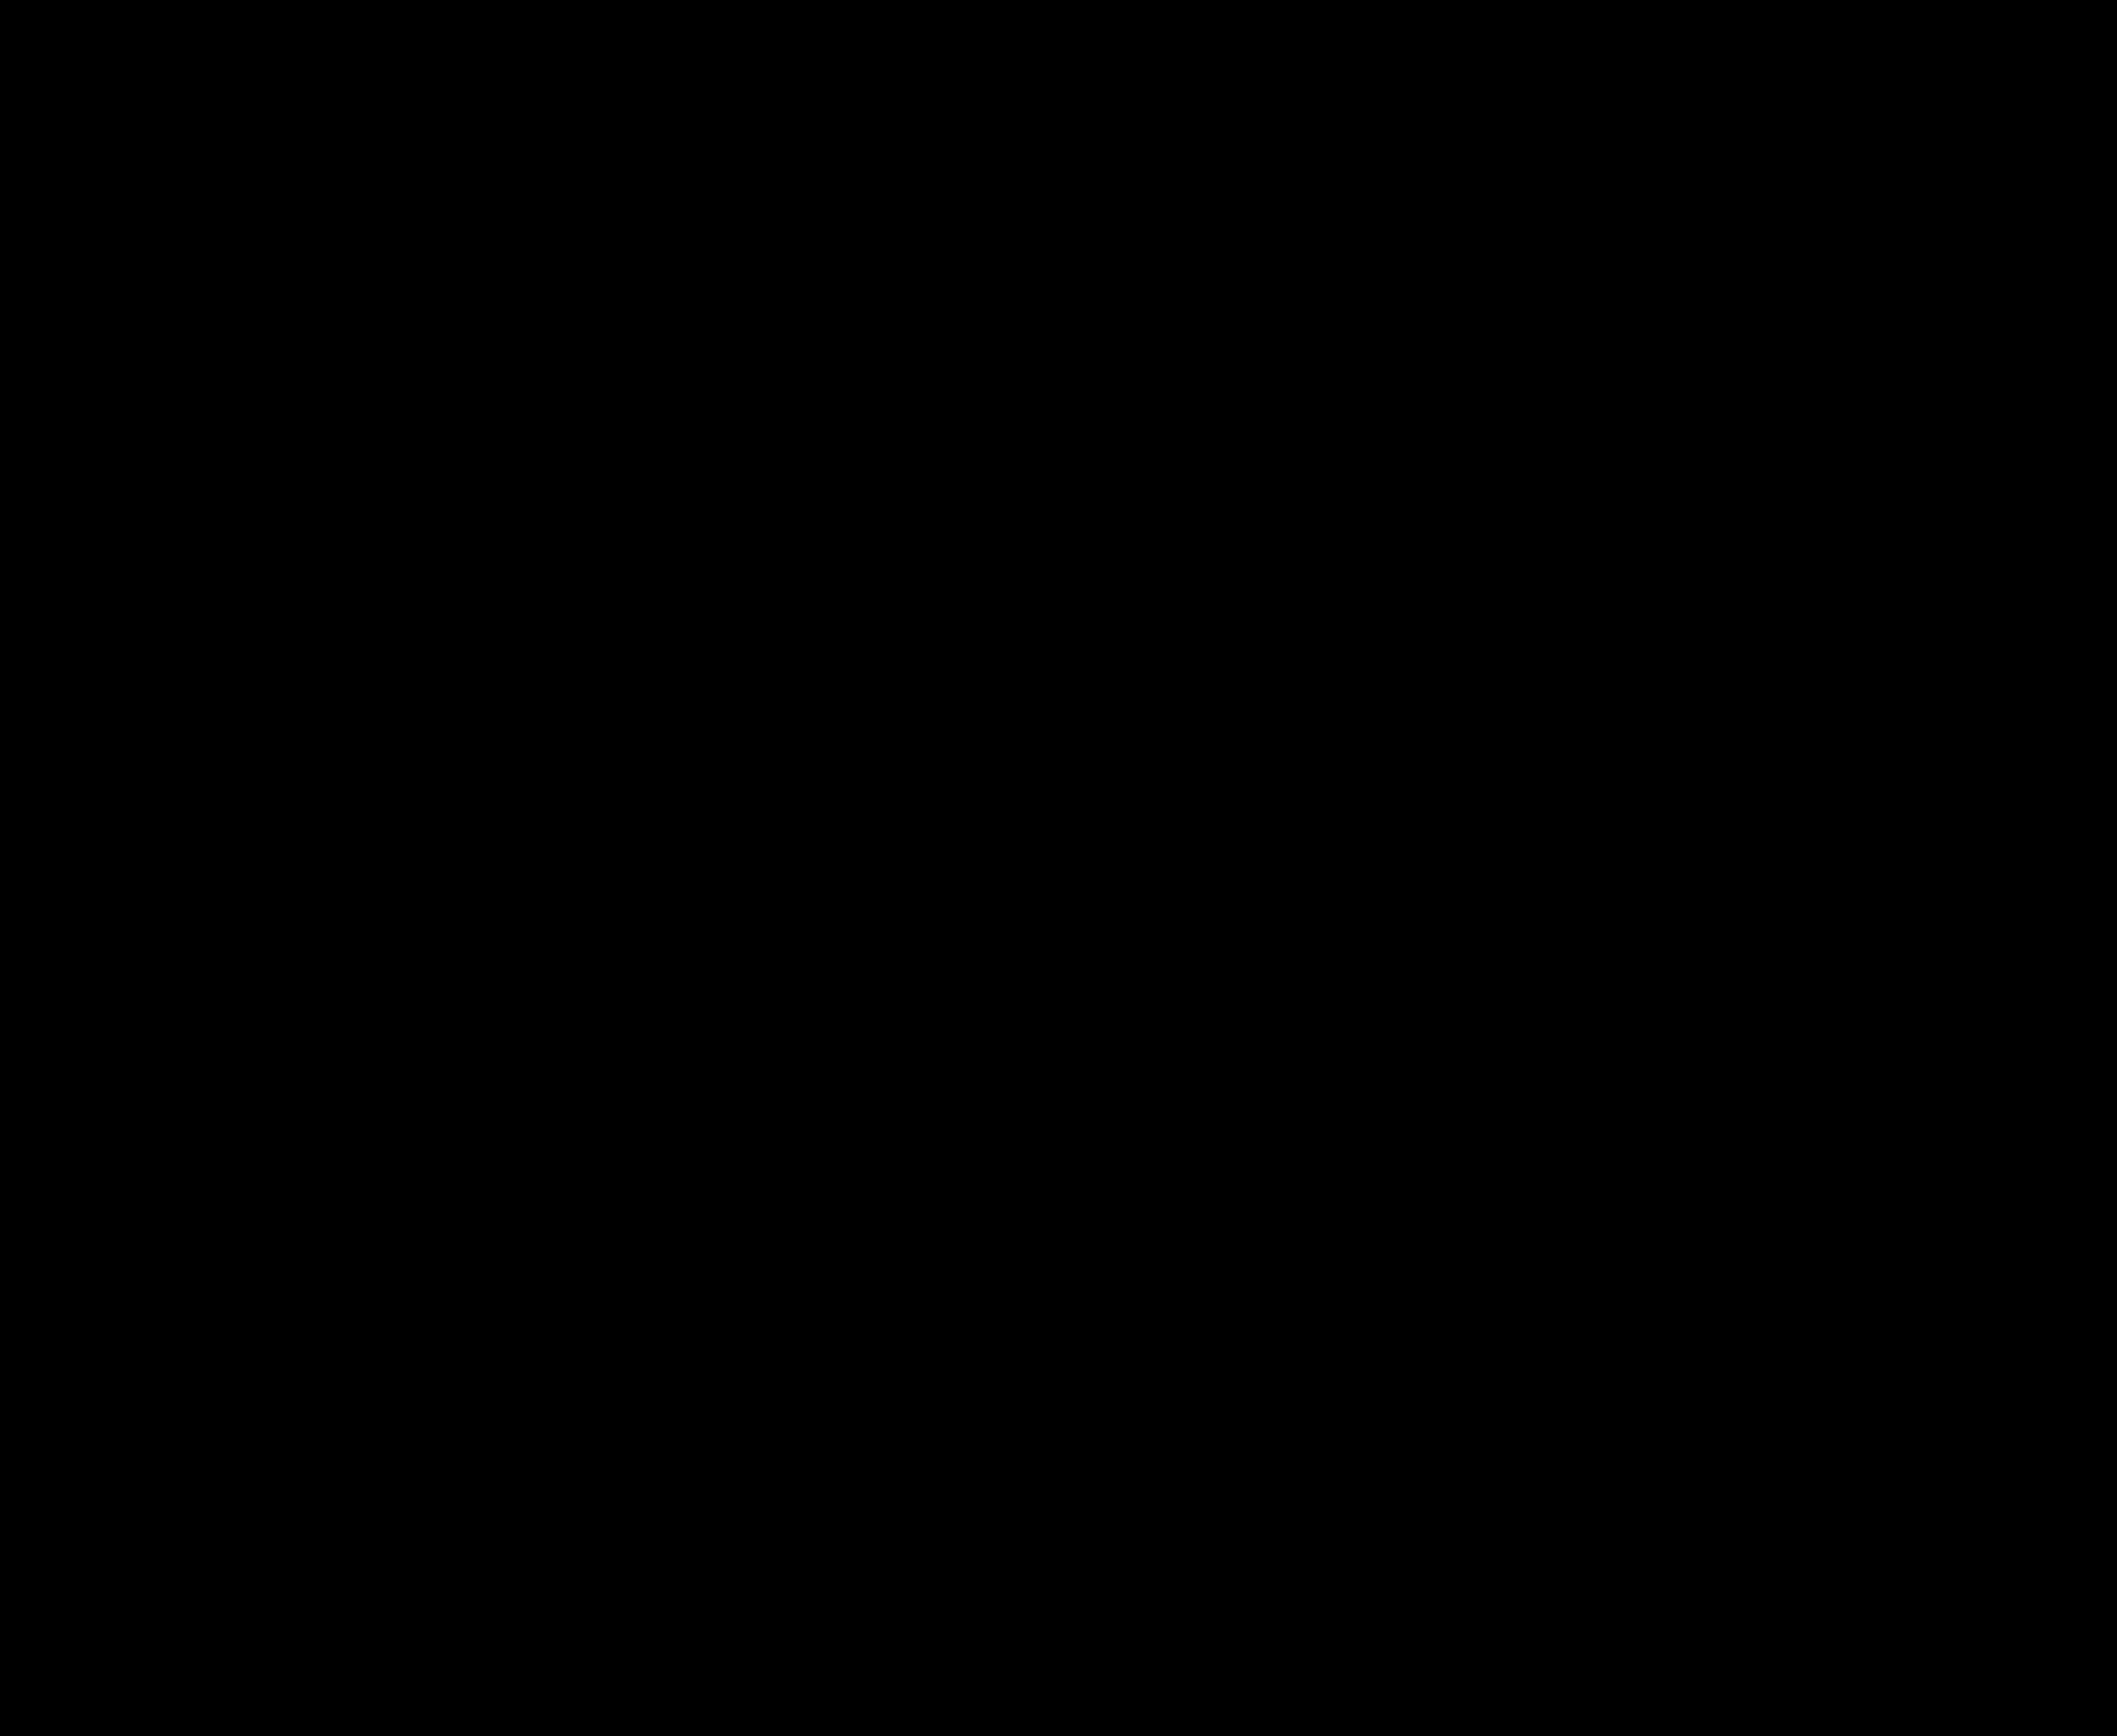 karta jugoslavije Cartotheque Paris 8   Maps karta jugoslavije